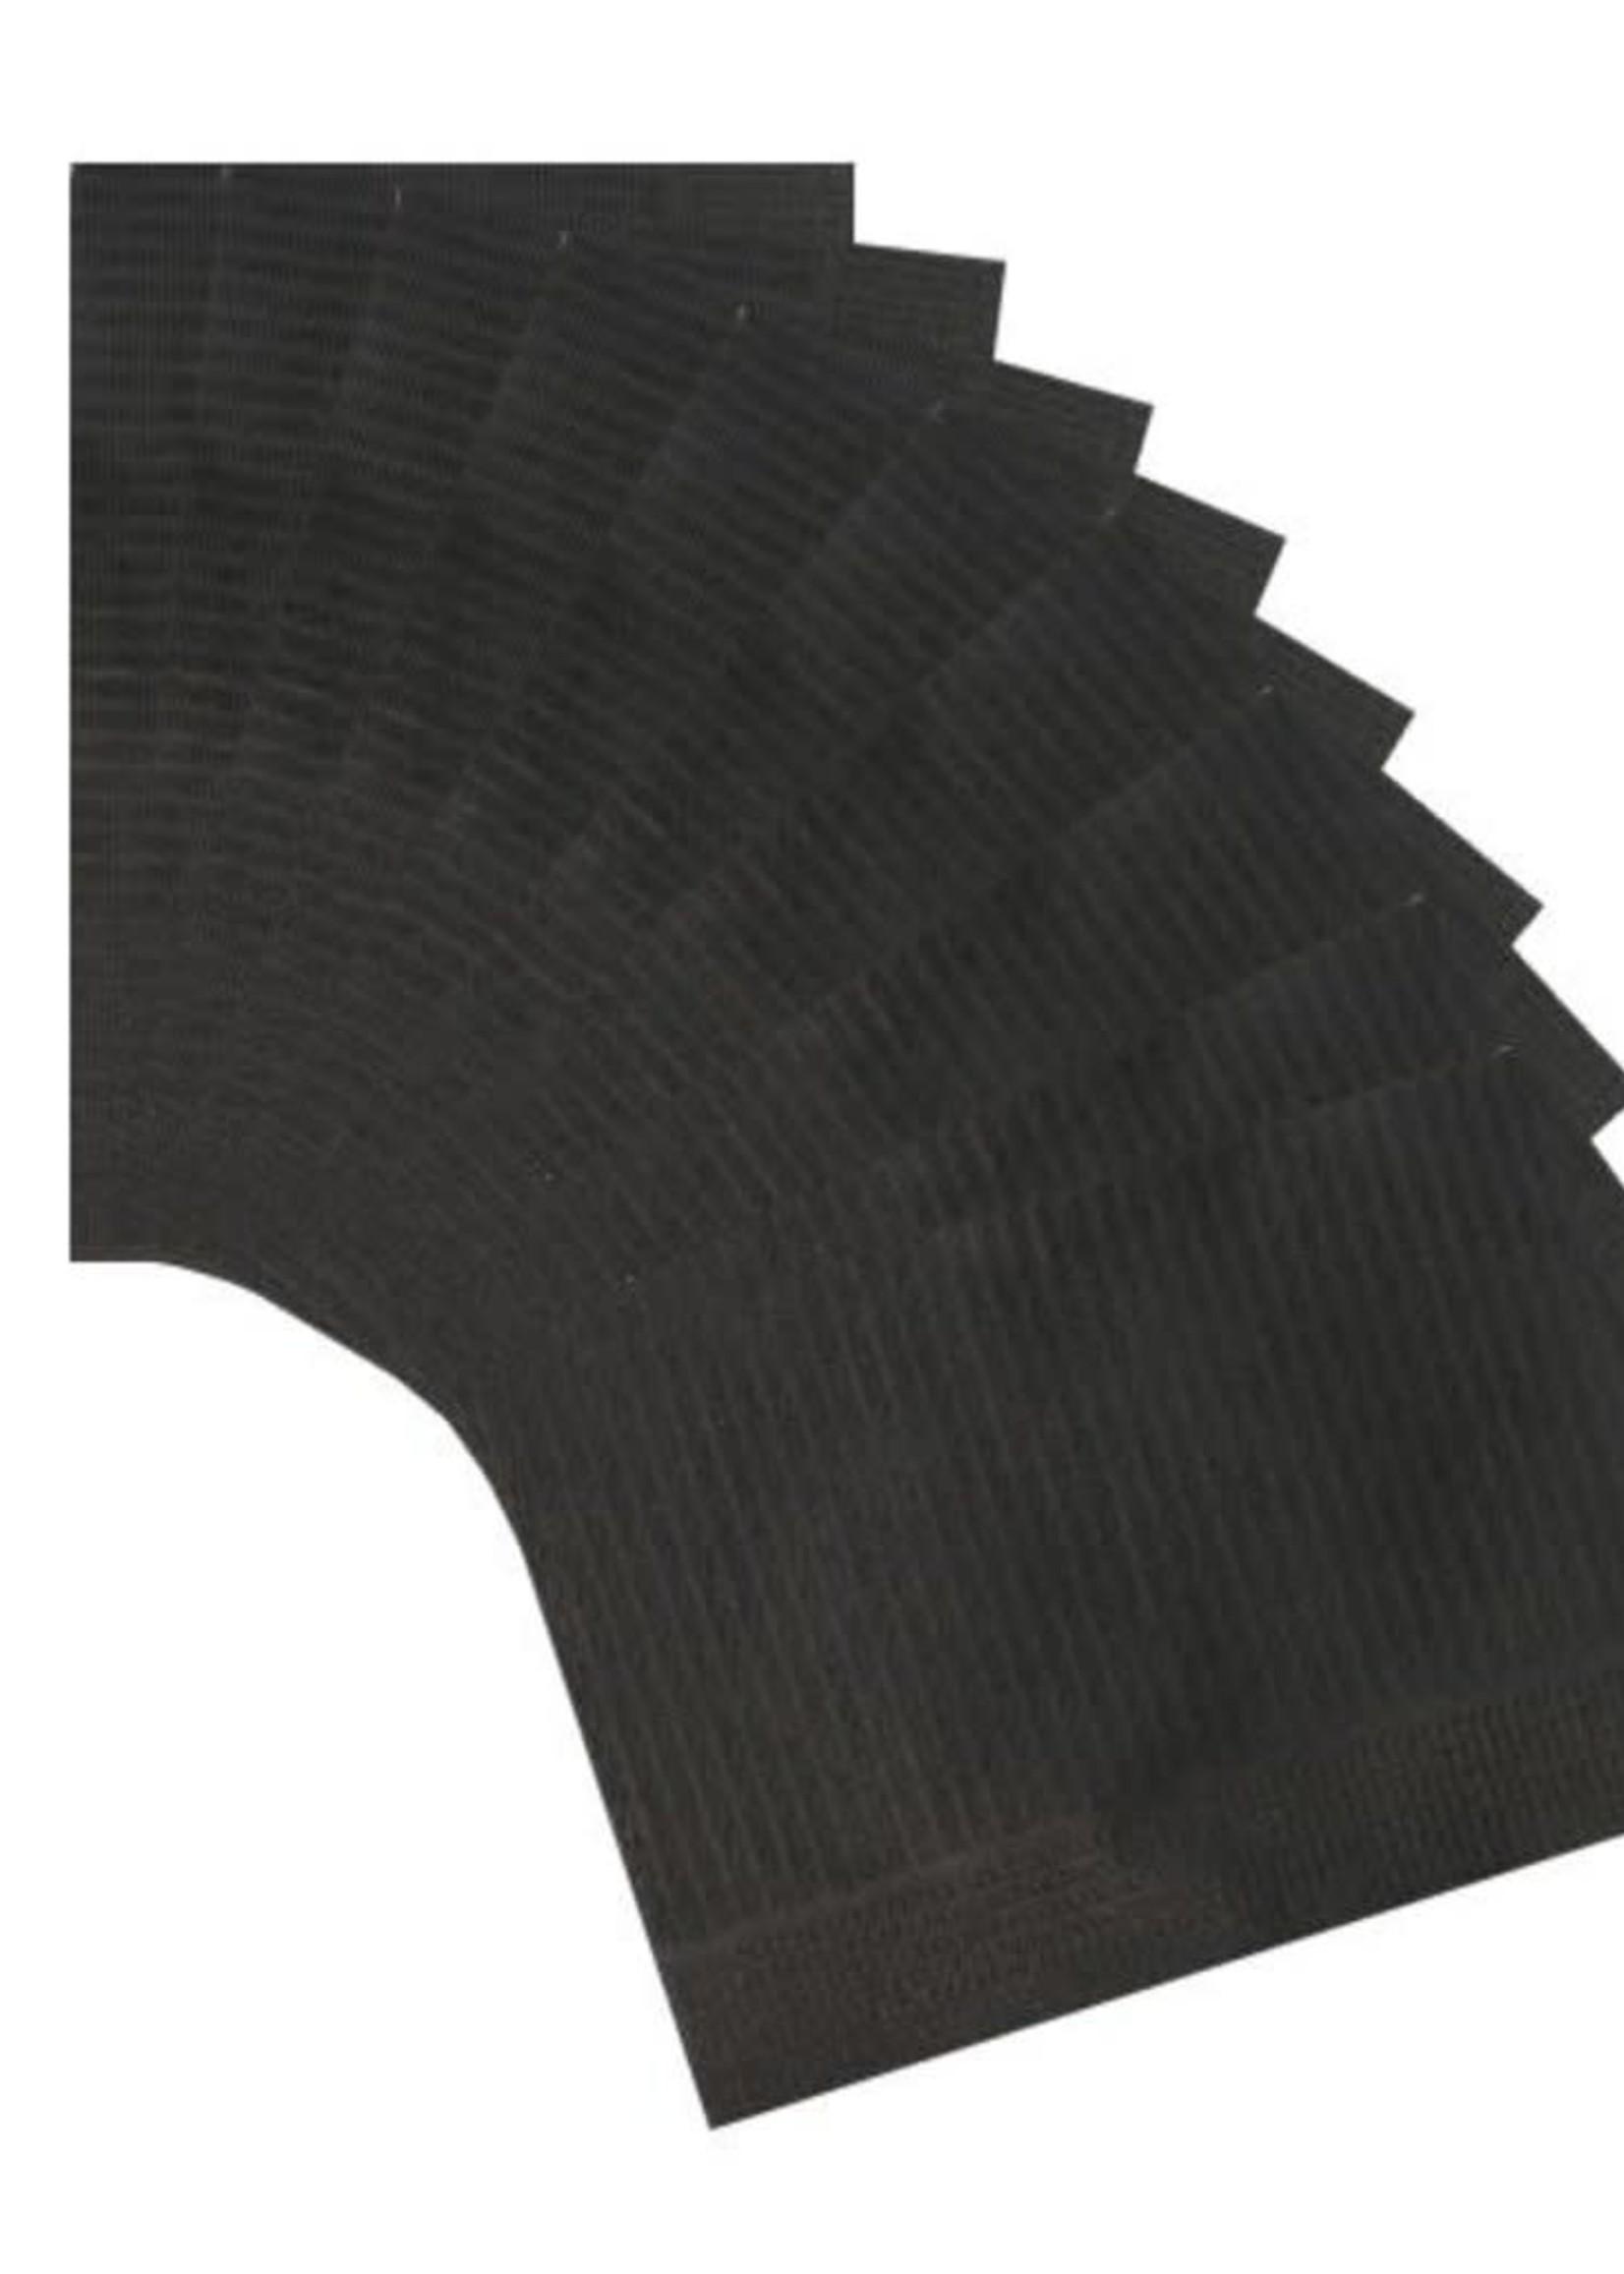 La Ross Table Towels Black